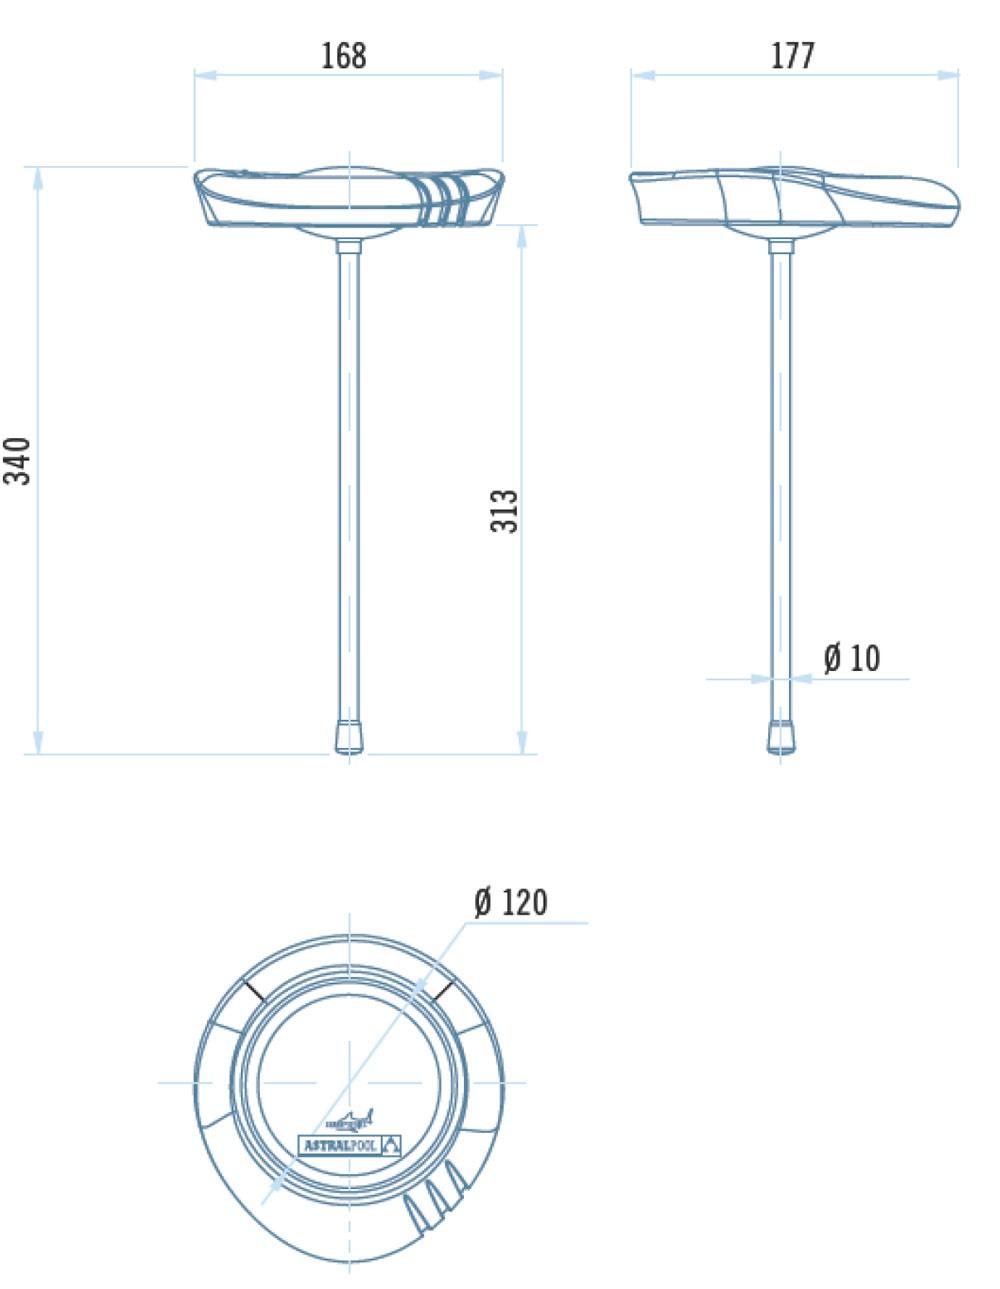 Termometro analogico per piscina Shark Astralpool dimensioni